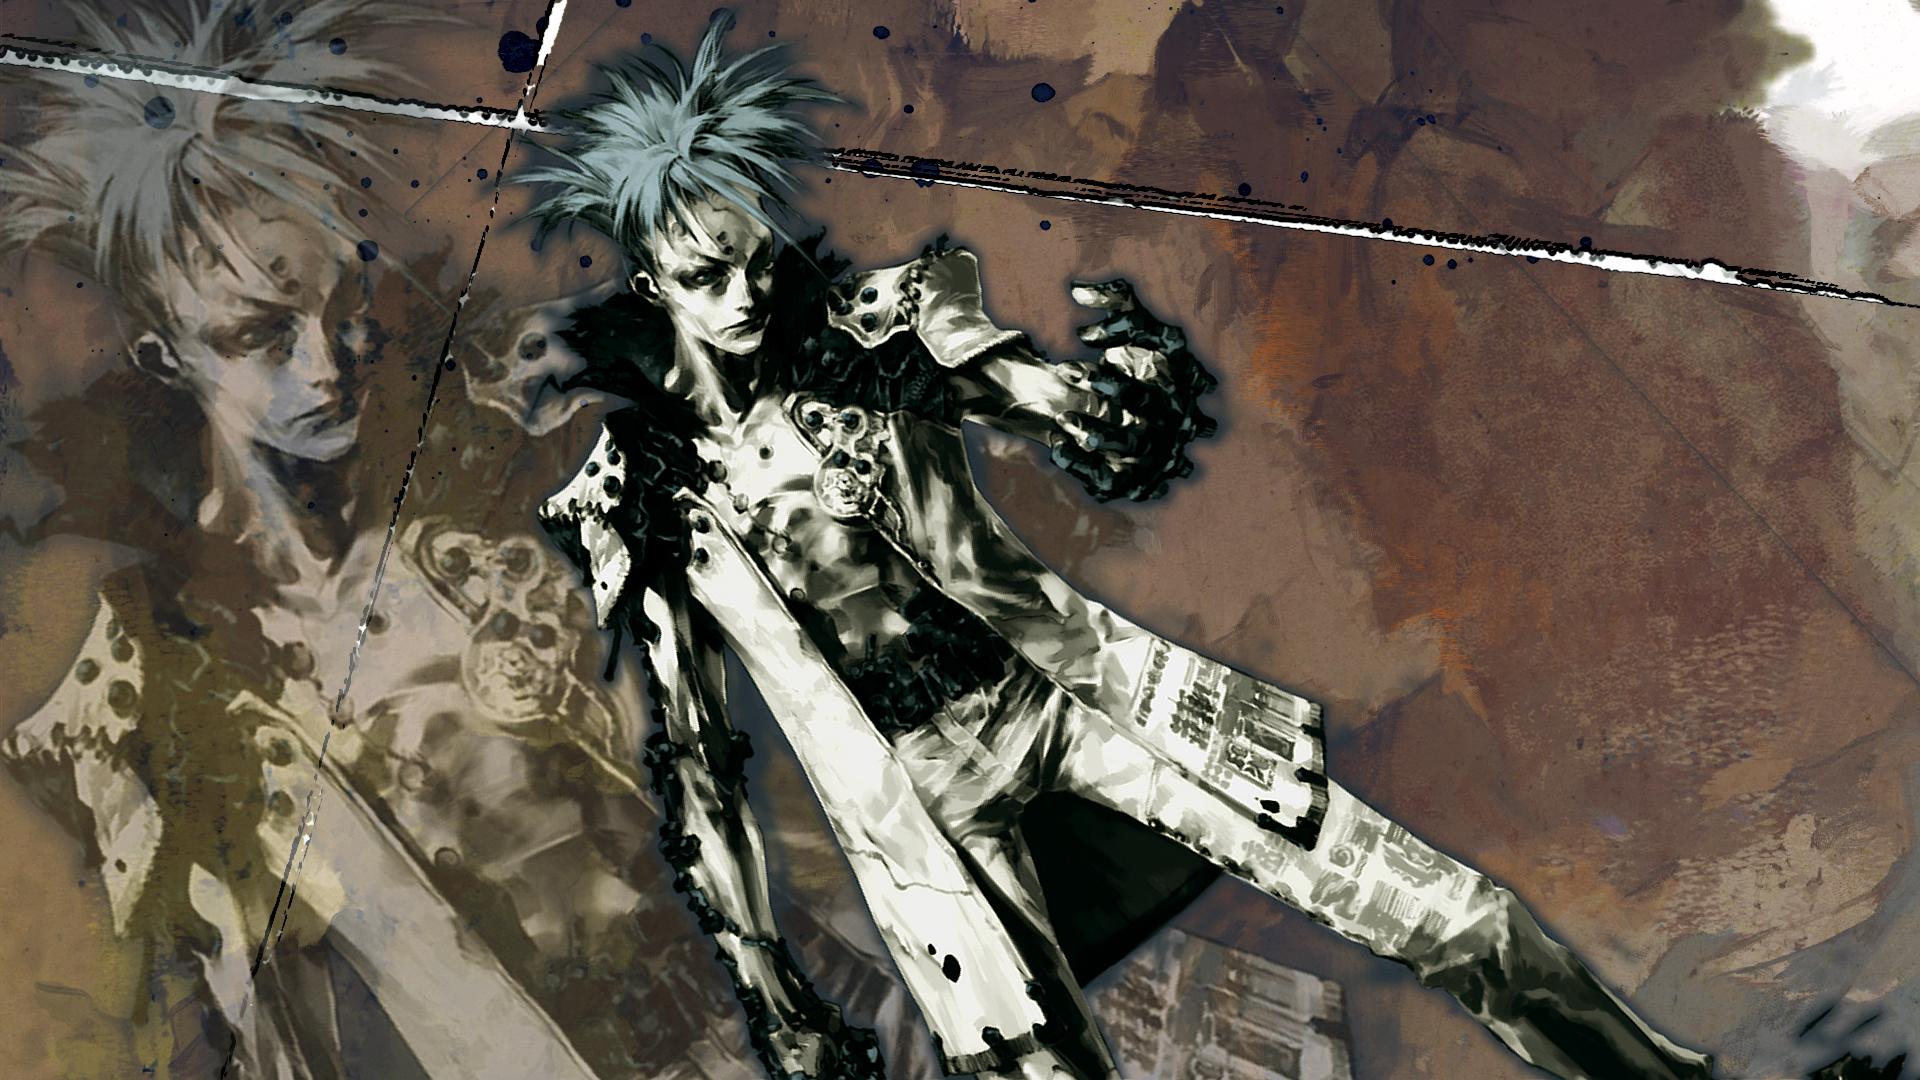 Ikaruga HD wallpapers, Desktop wallpaper - most viewed